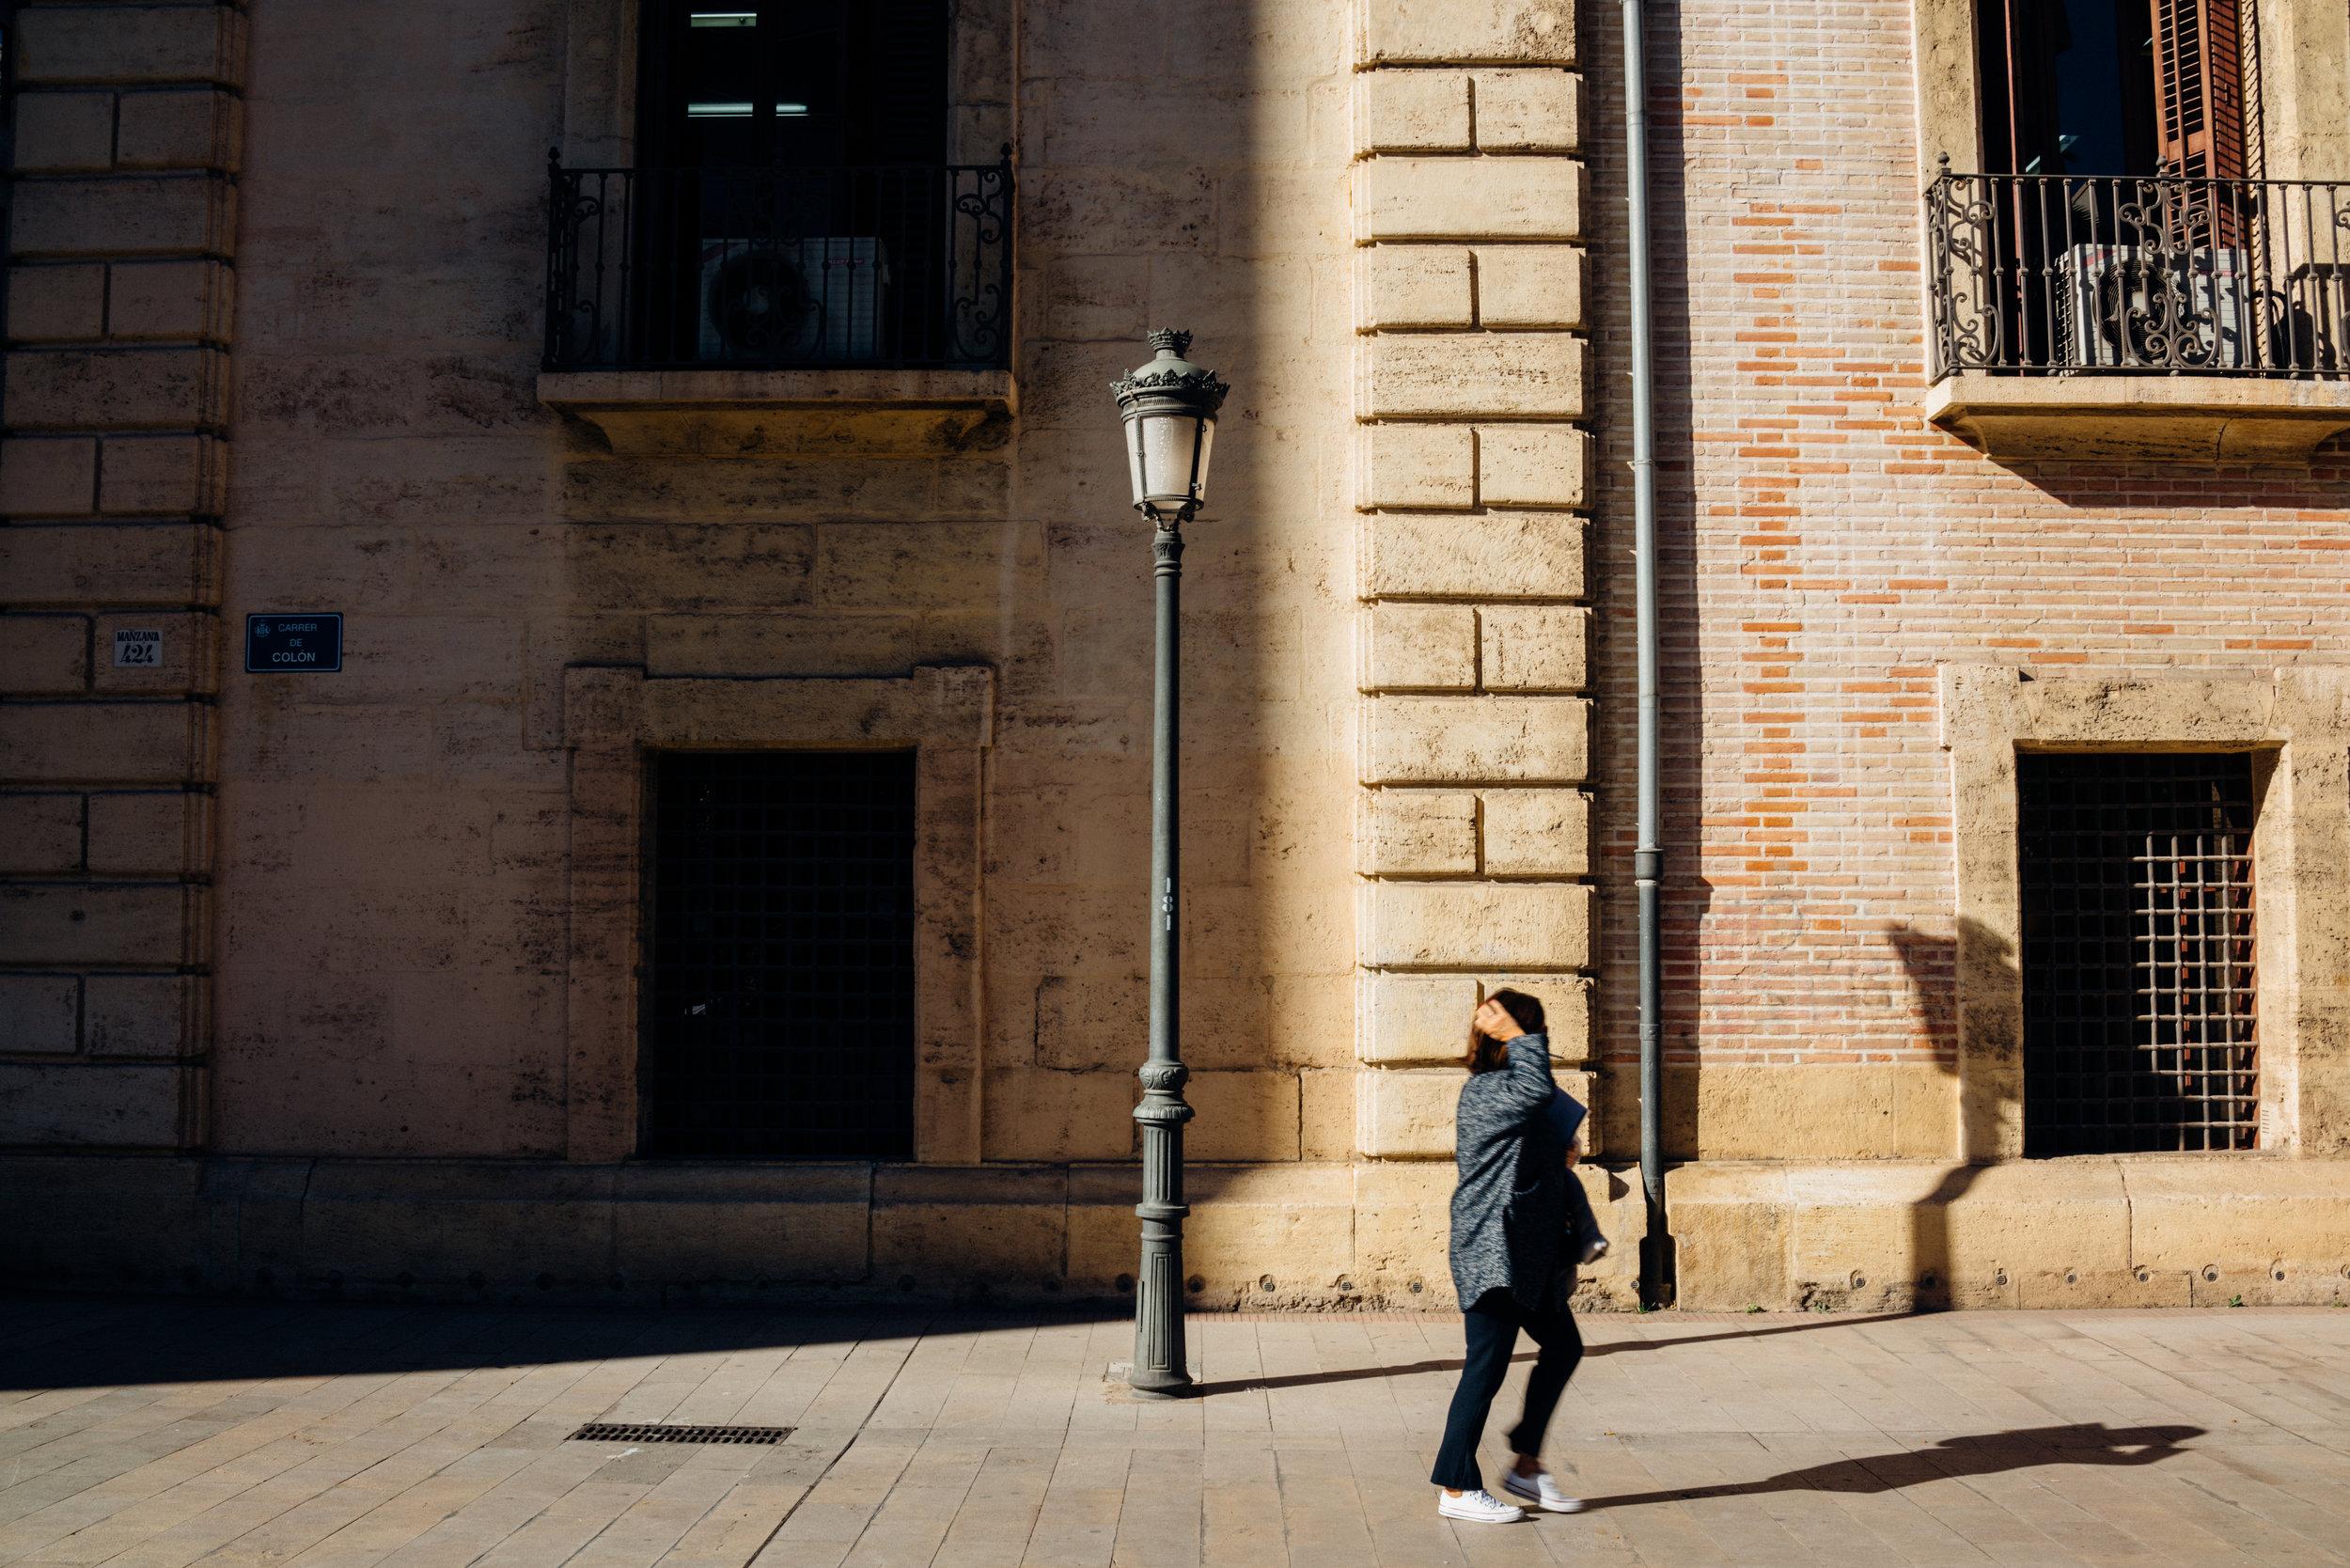 Ciutat Vella , or Old City, Valencia